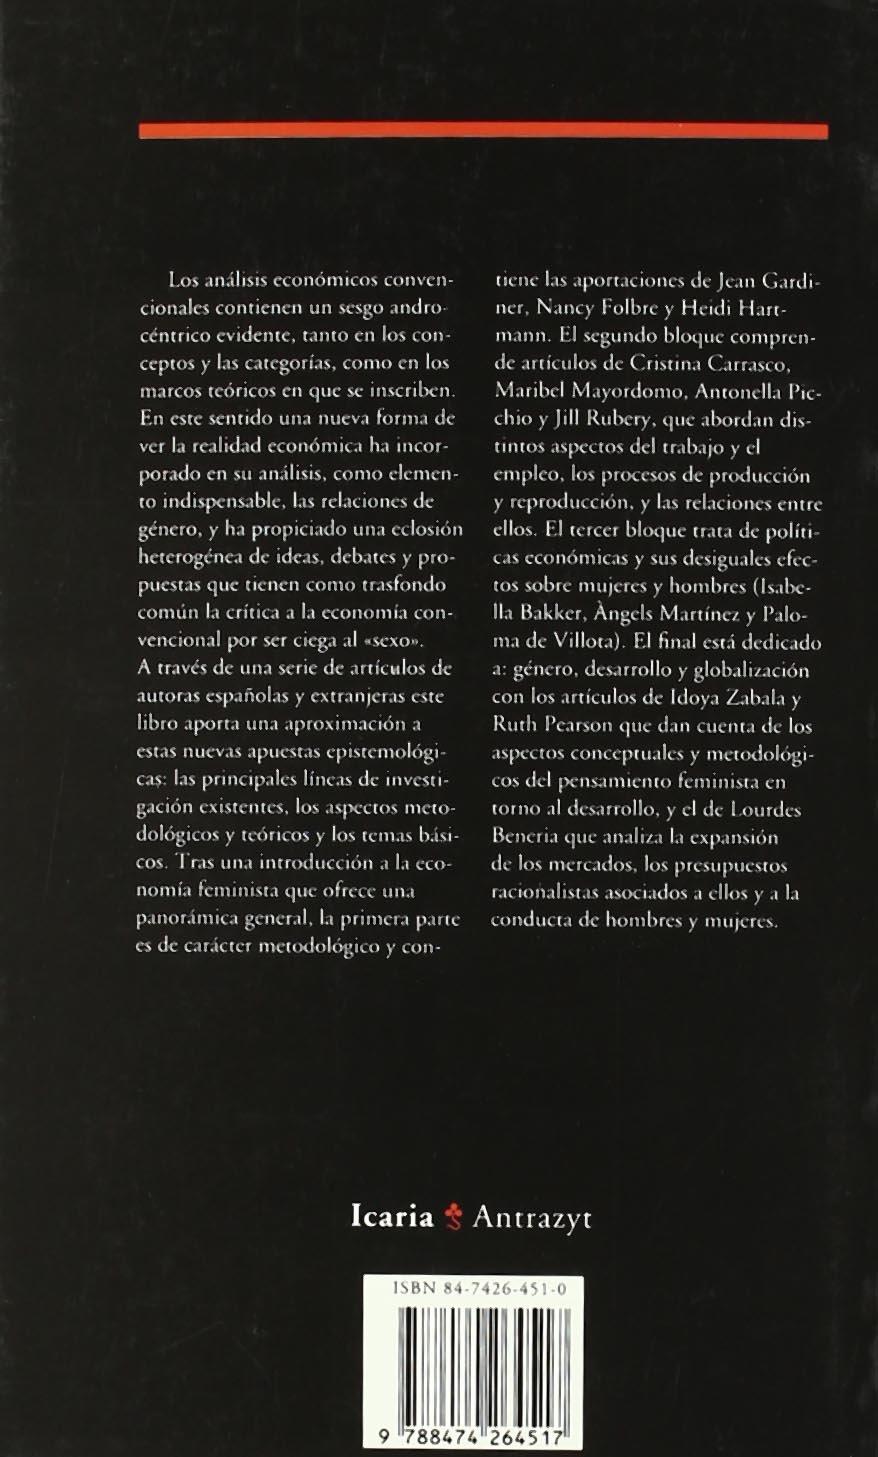 Mujeres y economía: Nuevas perspectivas para viejos y nuevos problemas (Antrazyt) (Spanish Edition): Cristina Carrasco Bengoa: 9788474264517: Amazon.com: ...